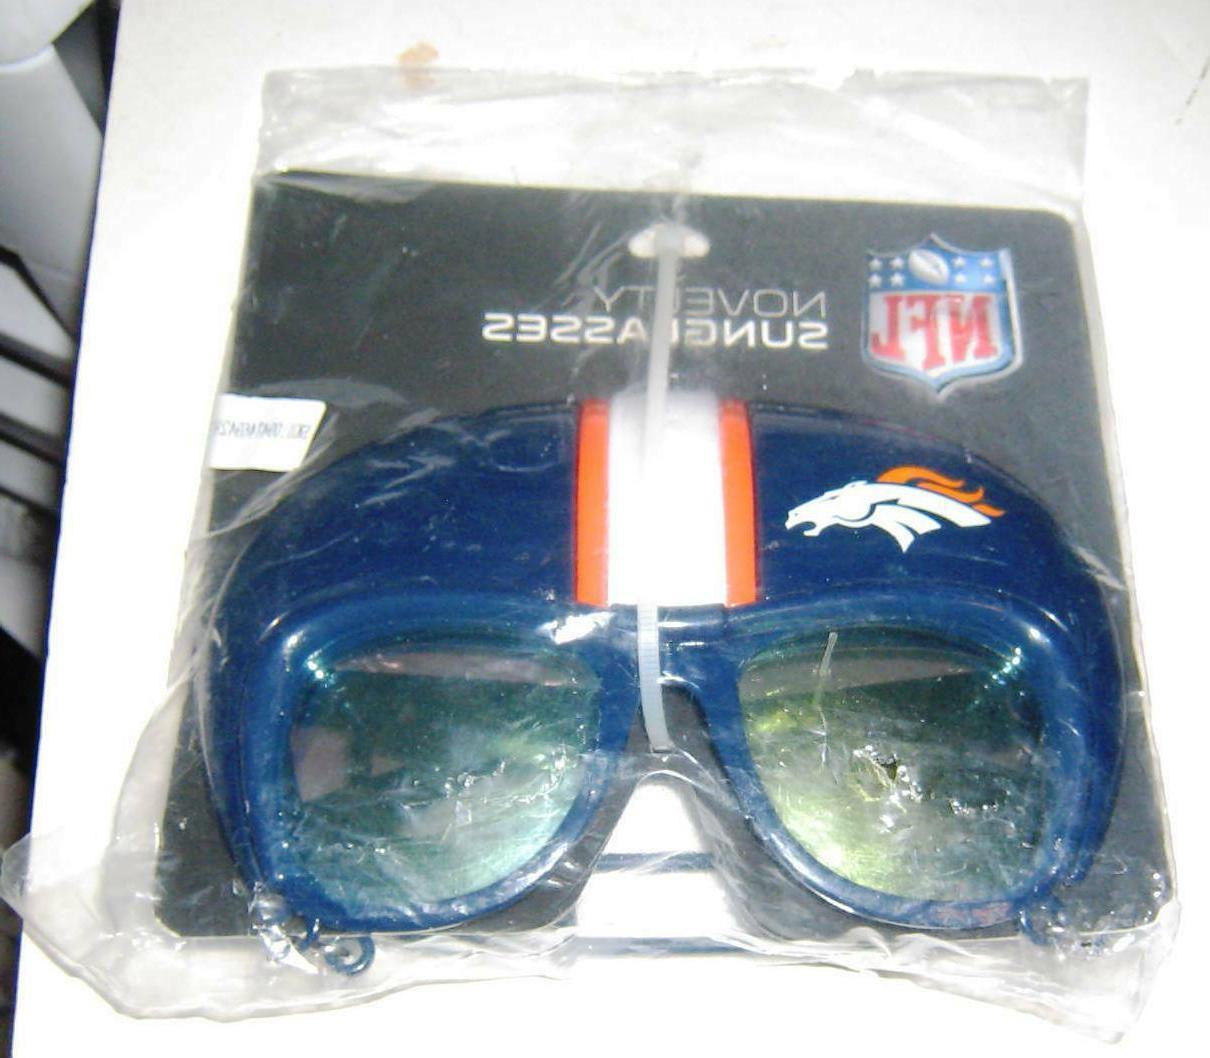 denver broncos nfl licensed novelty sunglasses free